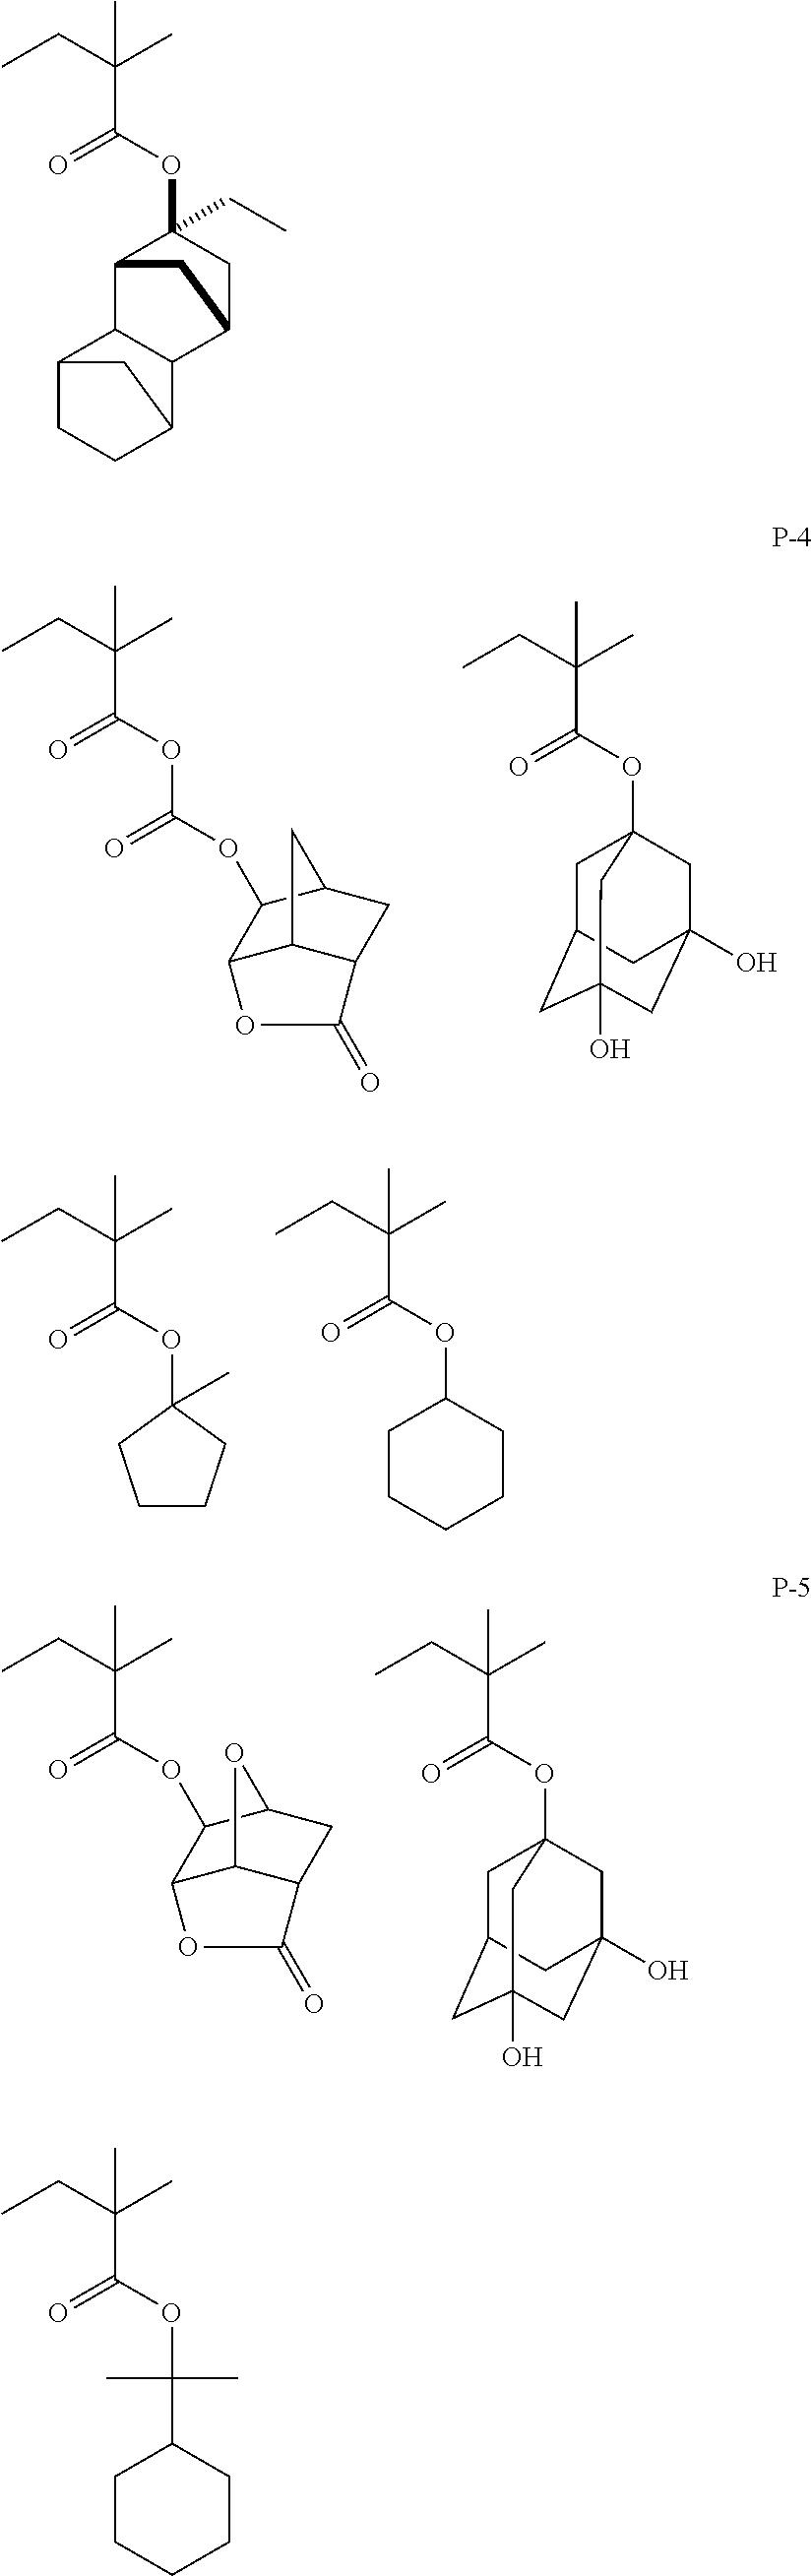 Figure US08637229-20140128-C00120